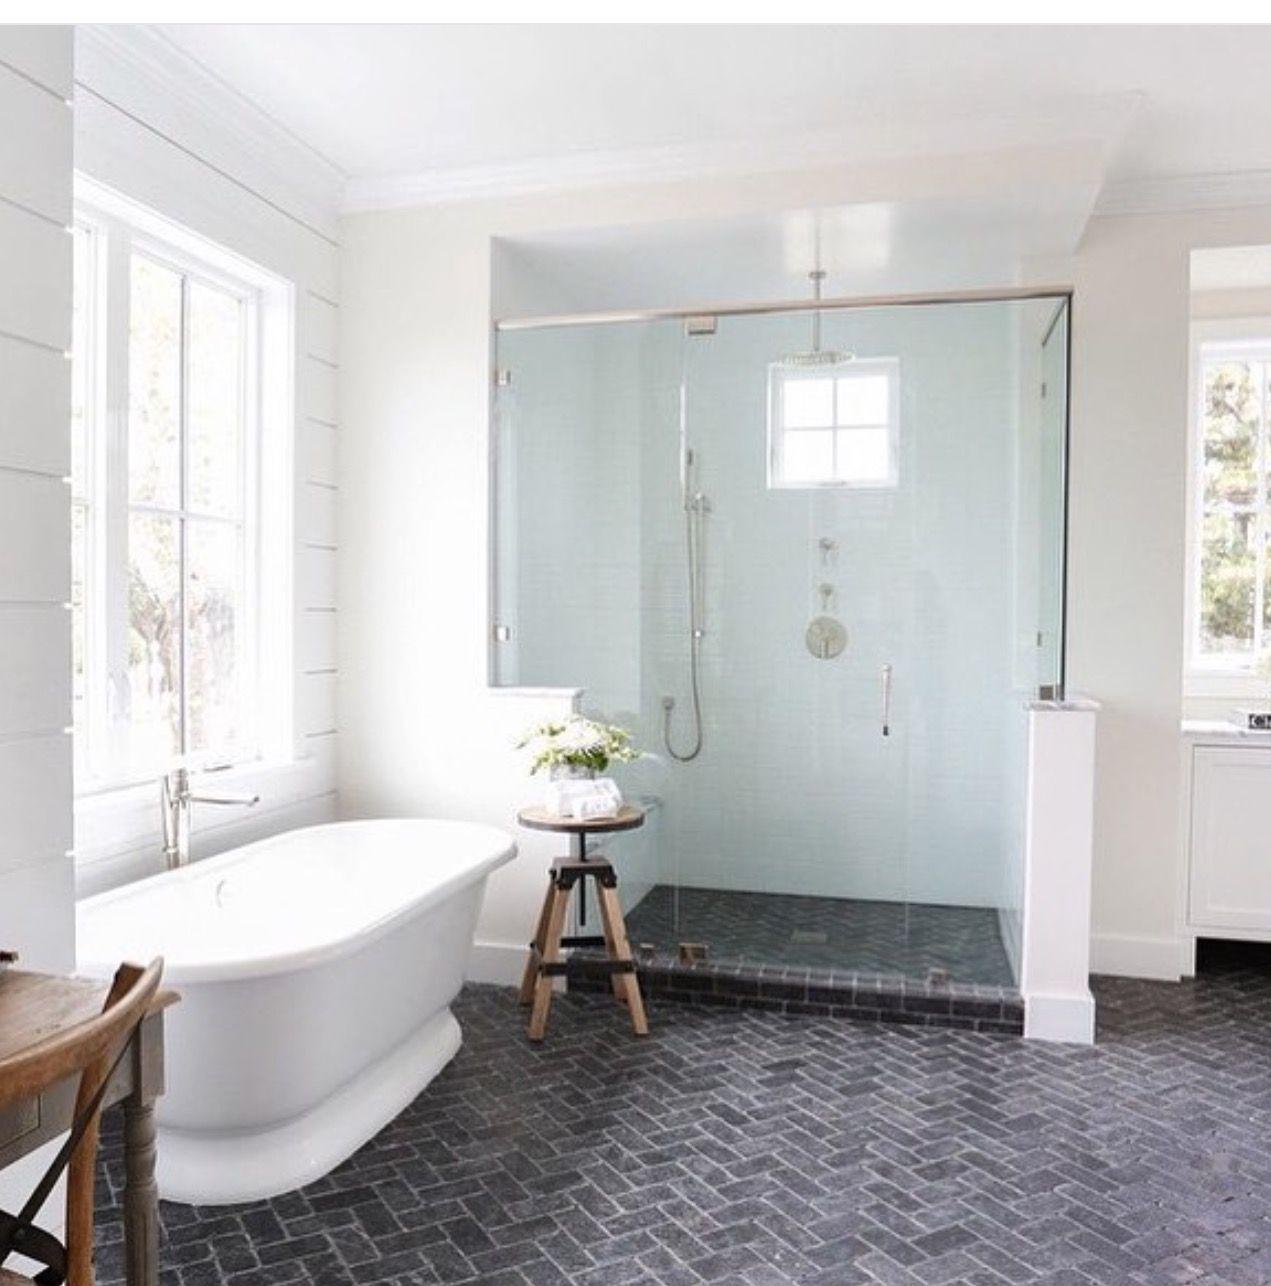 Pin By Nikki Metzger On Bathrooms Modern Country Bathrooms Cottage Bathroom Country Bathroom